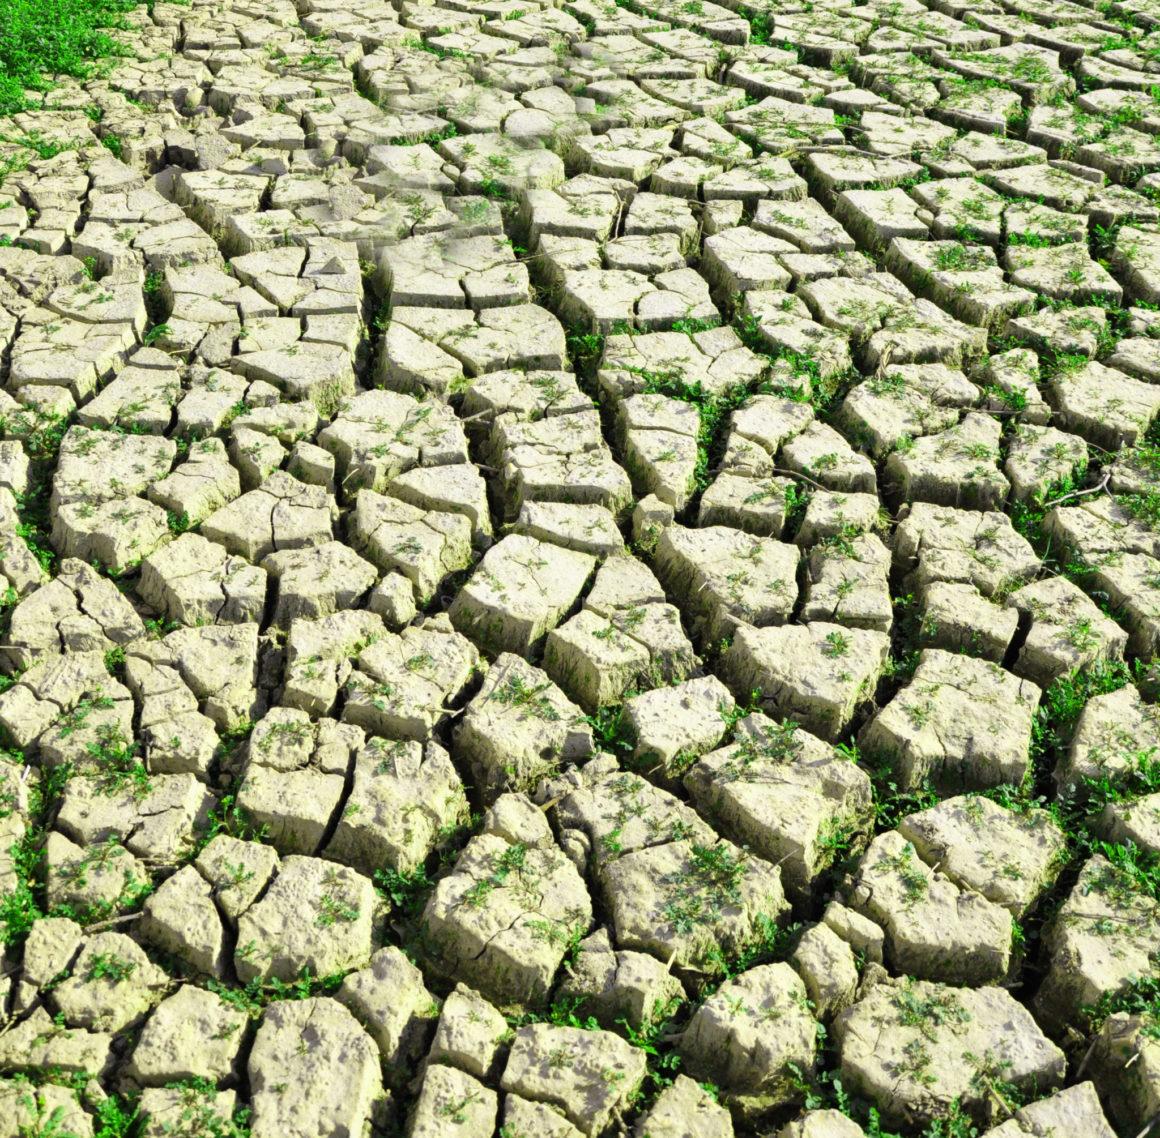 Lze řešit problém se zásobou pitné vody?